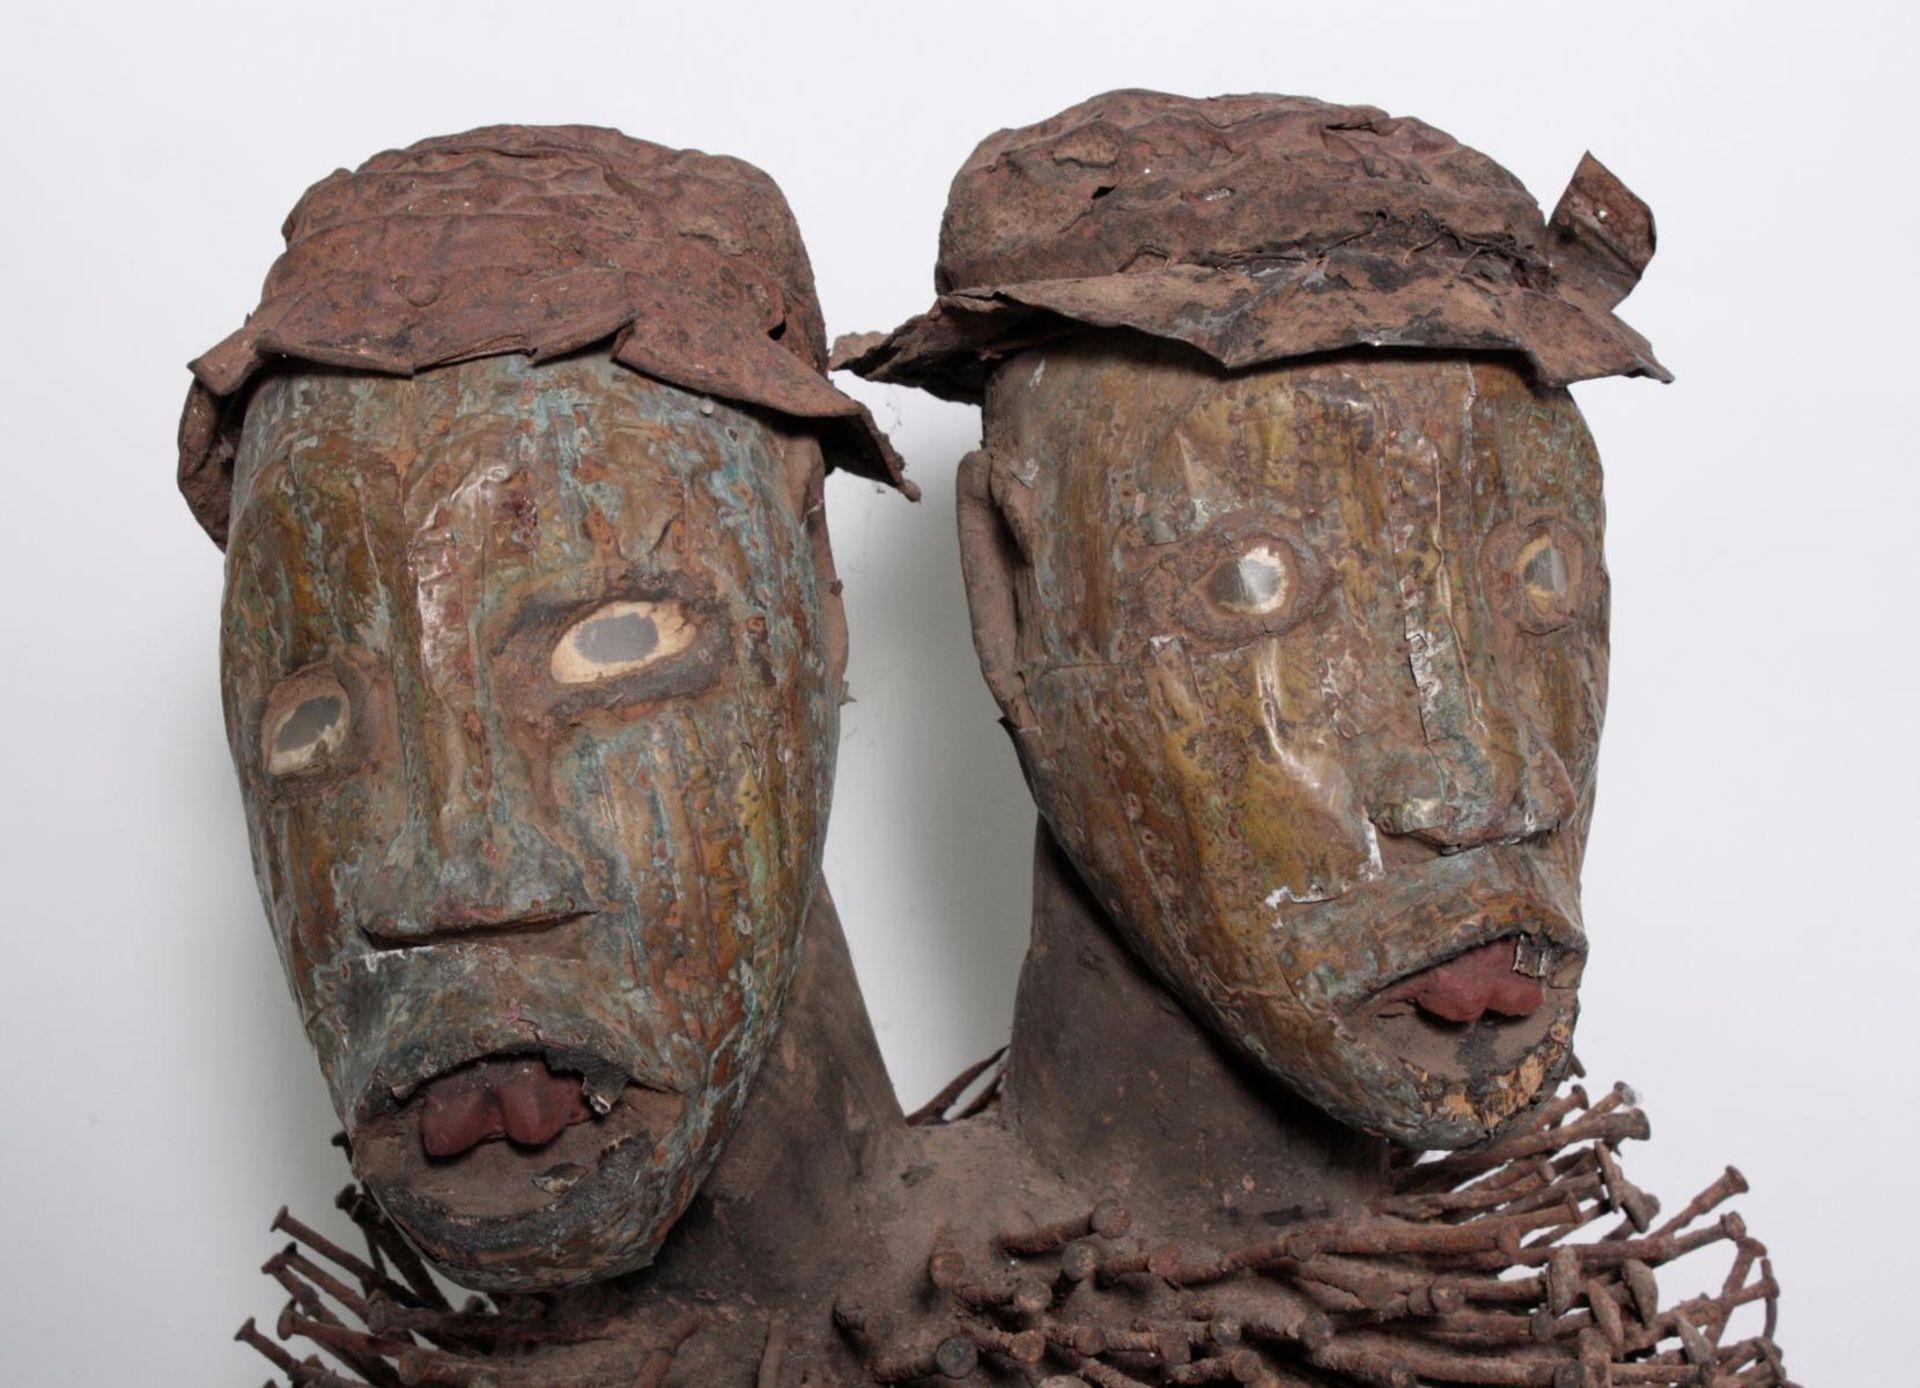 Doppelkopf-Nagelfetisch-Ritual Figur. Kongo-Yombe, Nkisi Nkondi, 1. Hälfte 20. Jh. - Bild 5 aus 9